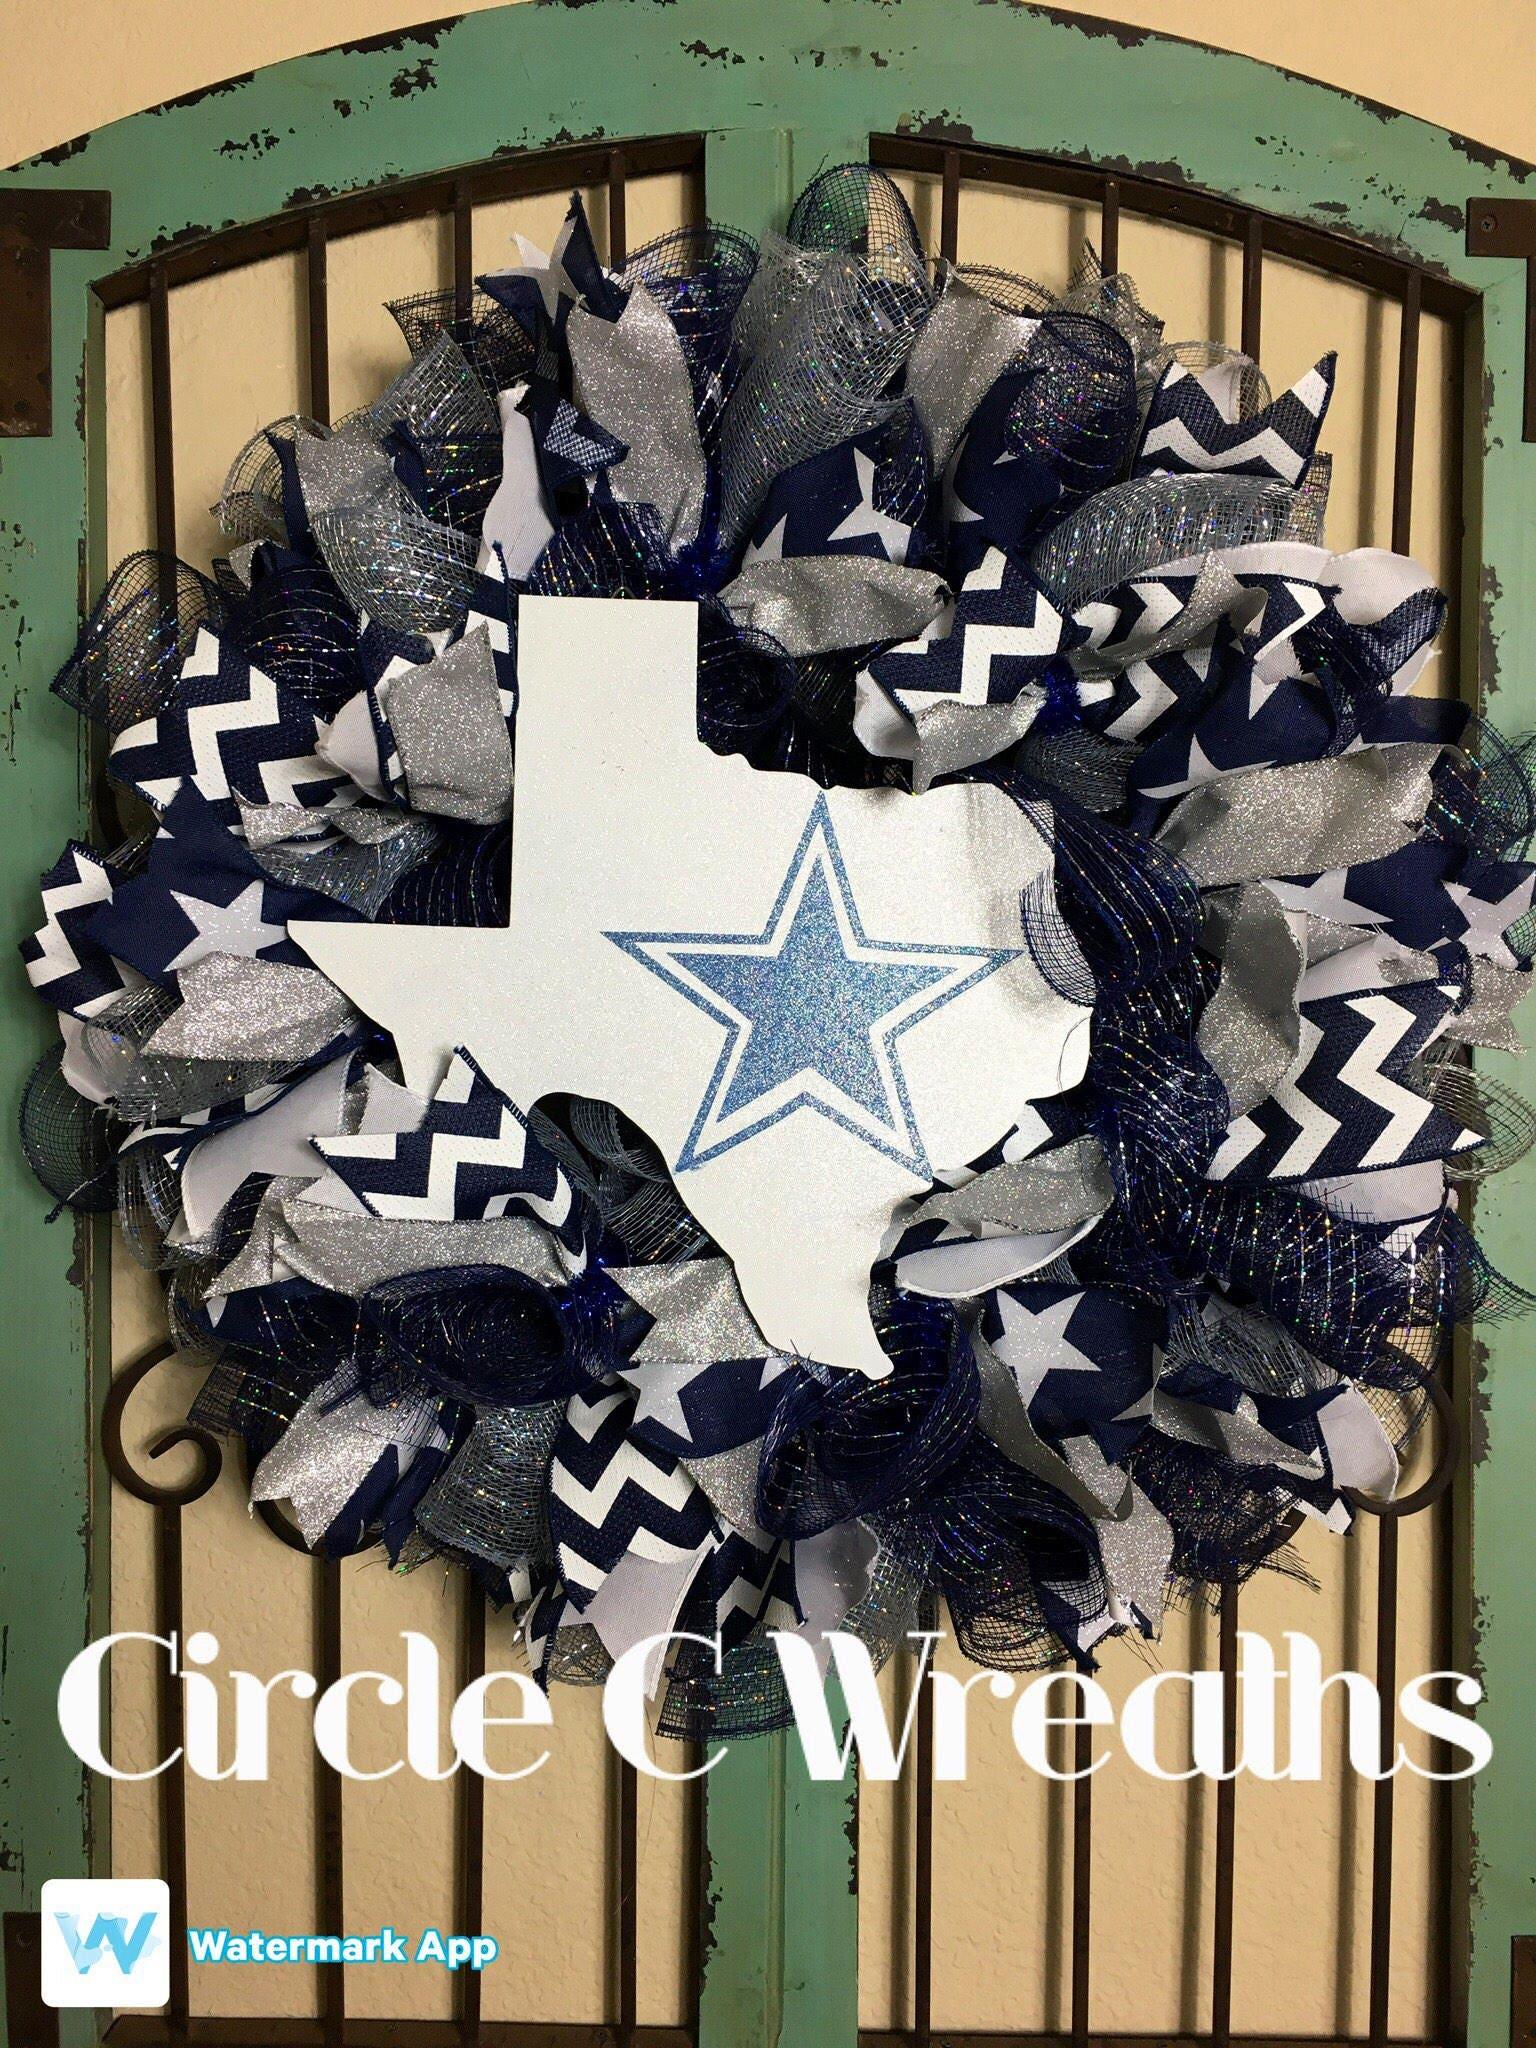 Dallas Cowboys Wreath